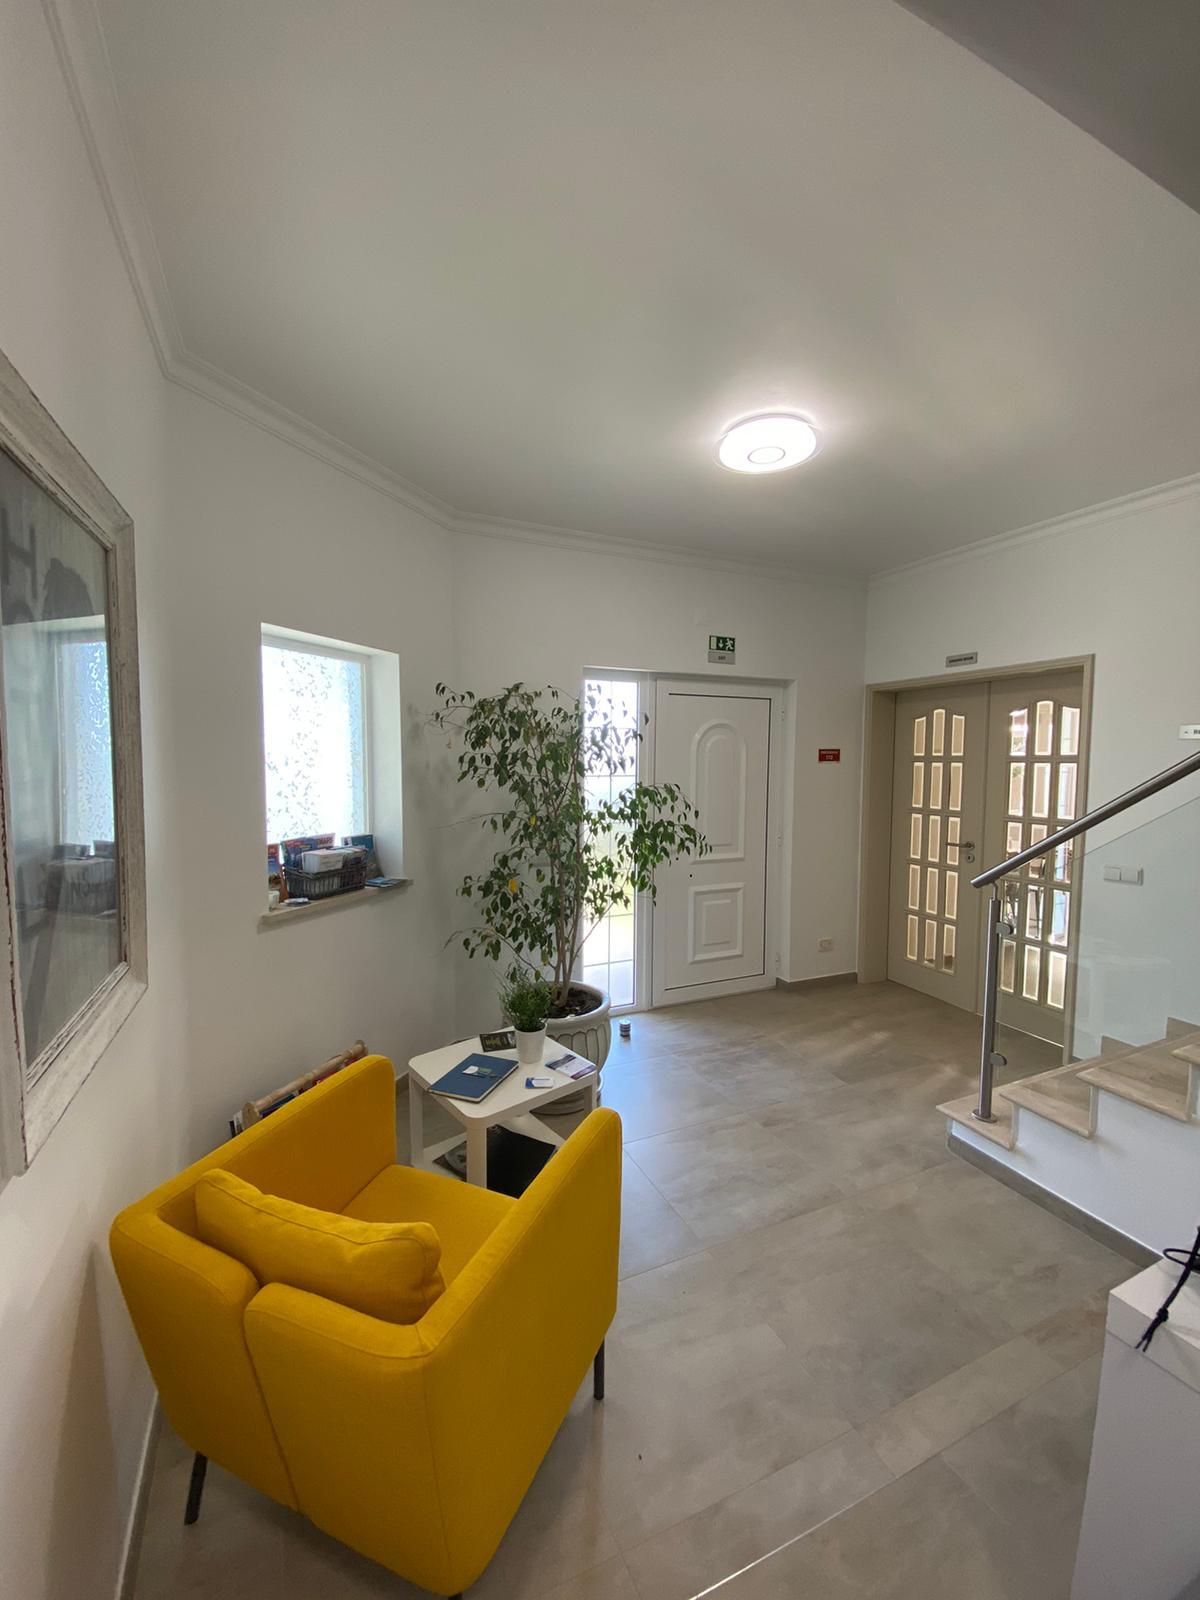 Holiday apartments and villas for rent, Villa L'Estaque , chambres d'hôtes in Armação de Pêra, Portugal Algarve, REF_IMG_15648_15659